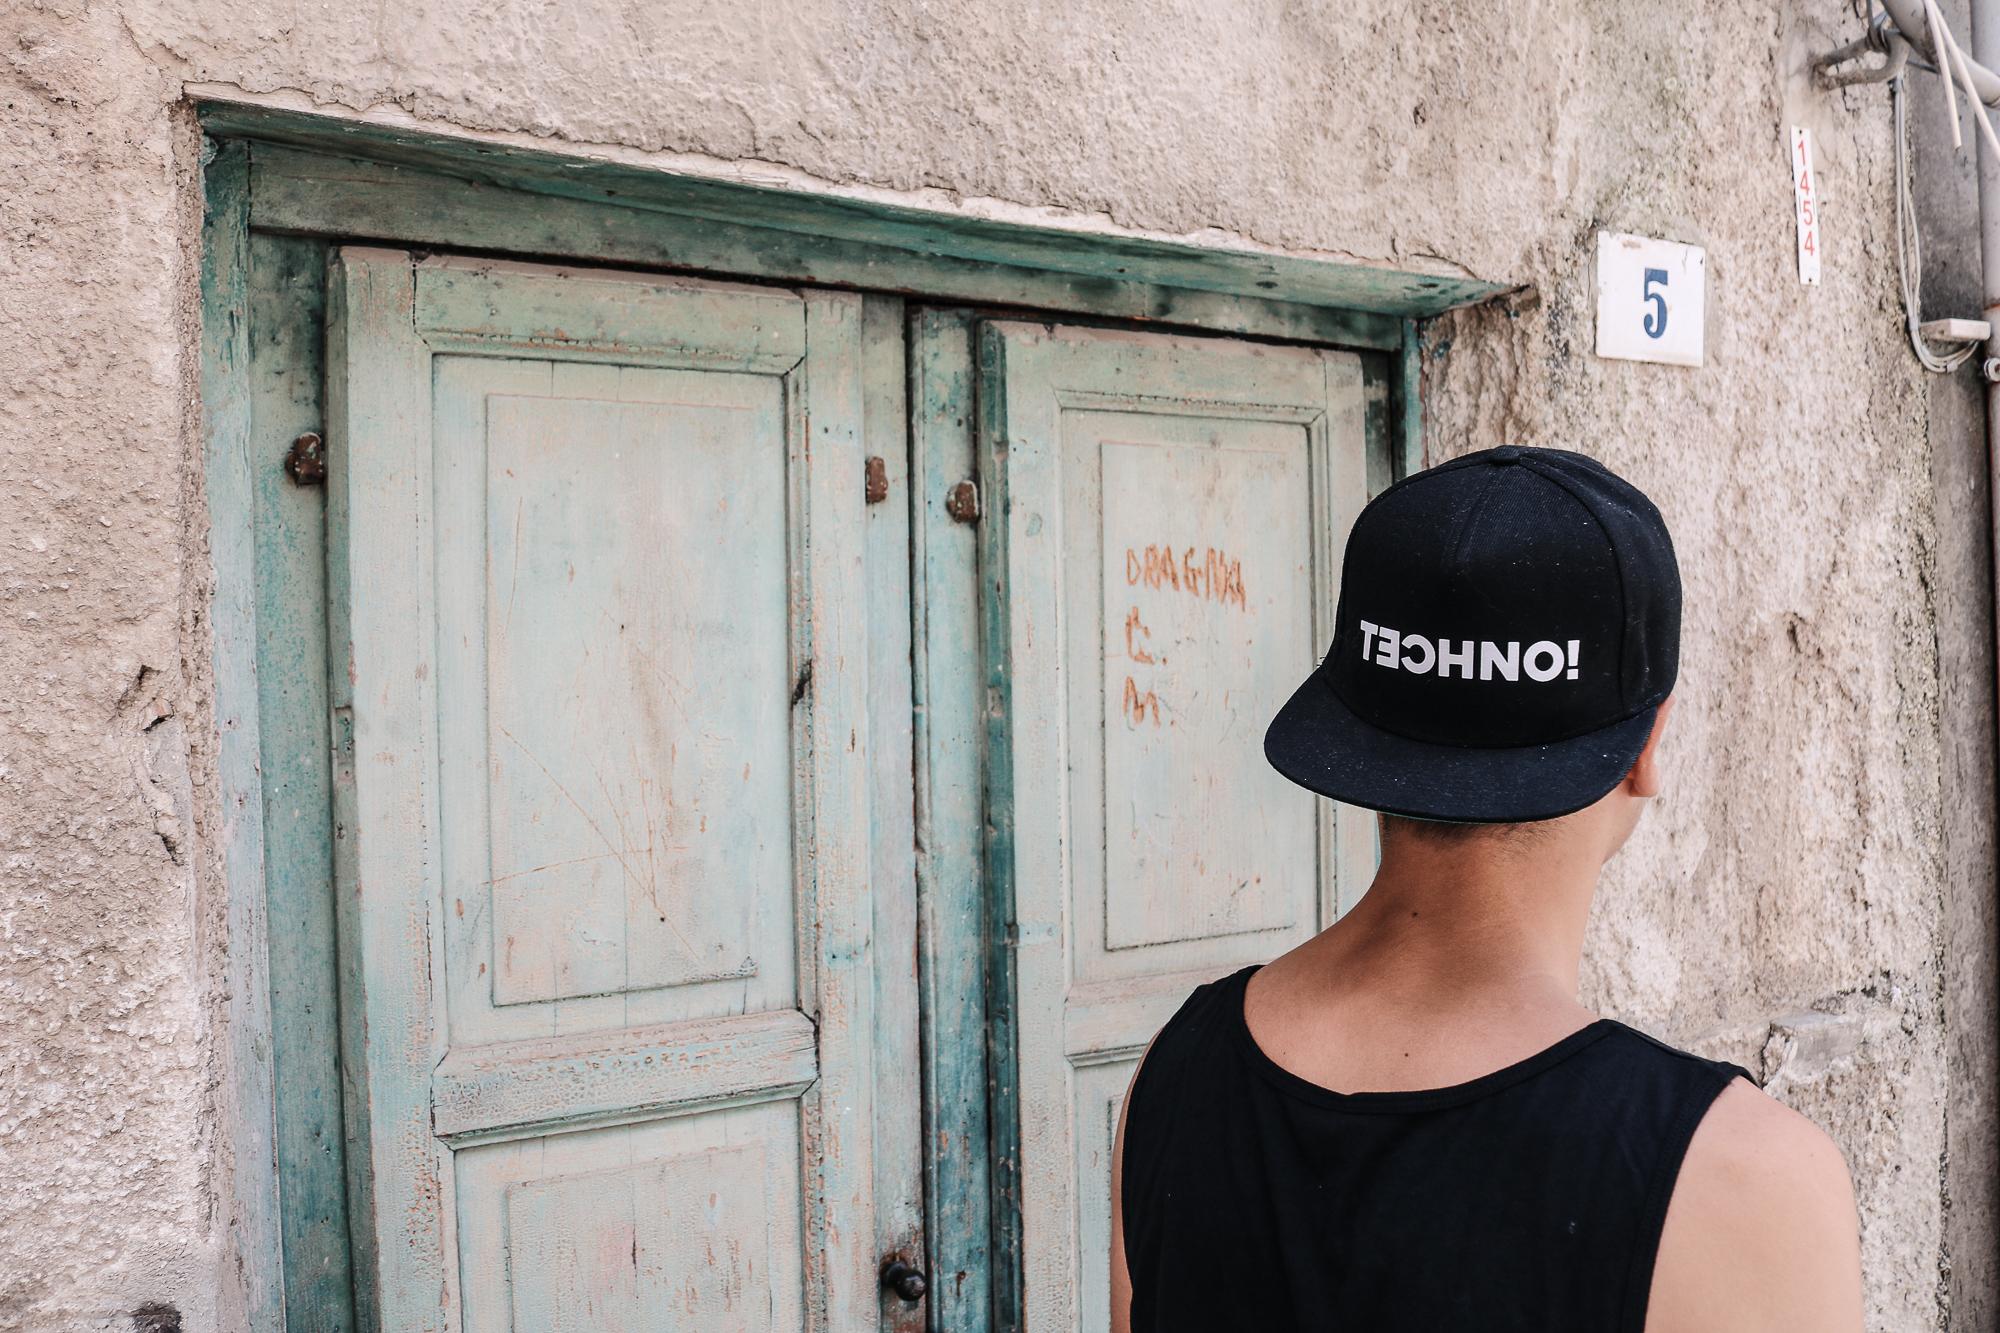 Sierza Techno Cap ® classic men